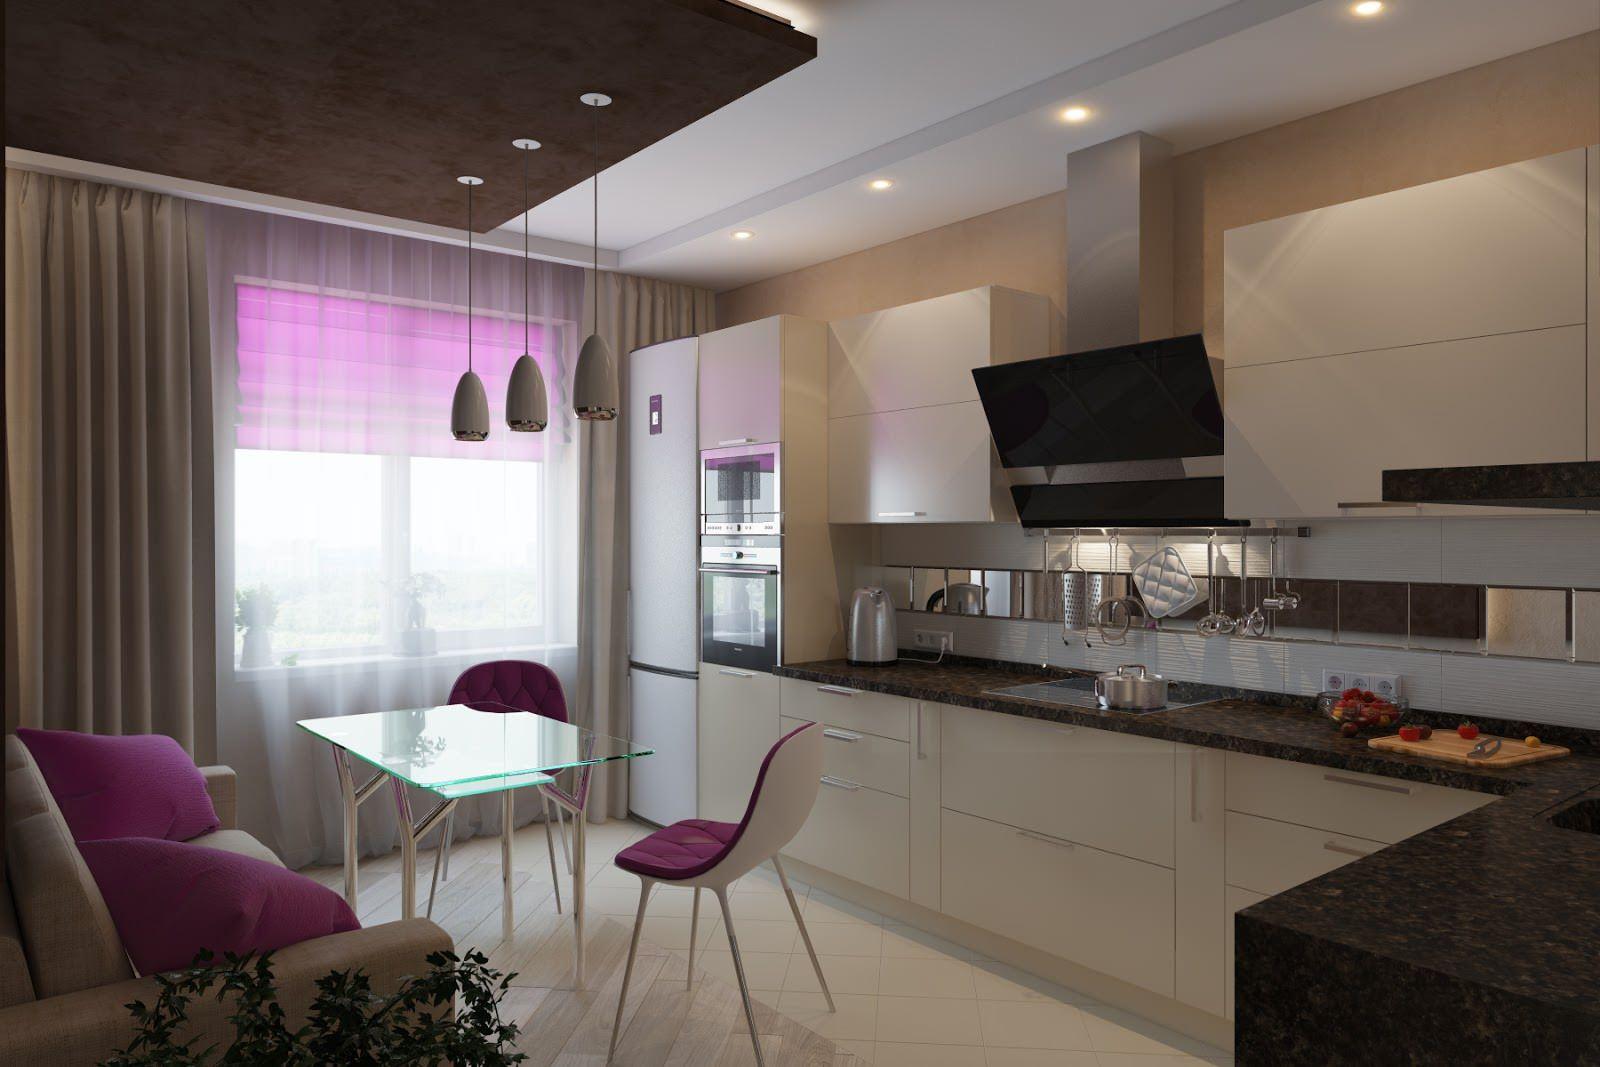 кухня 10 кв м с диваном интерьер